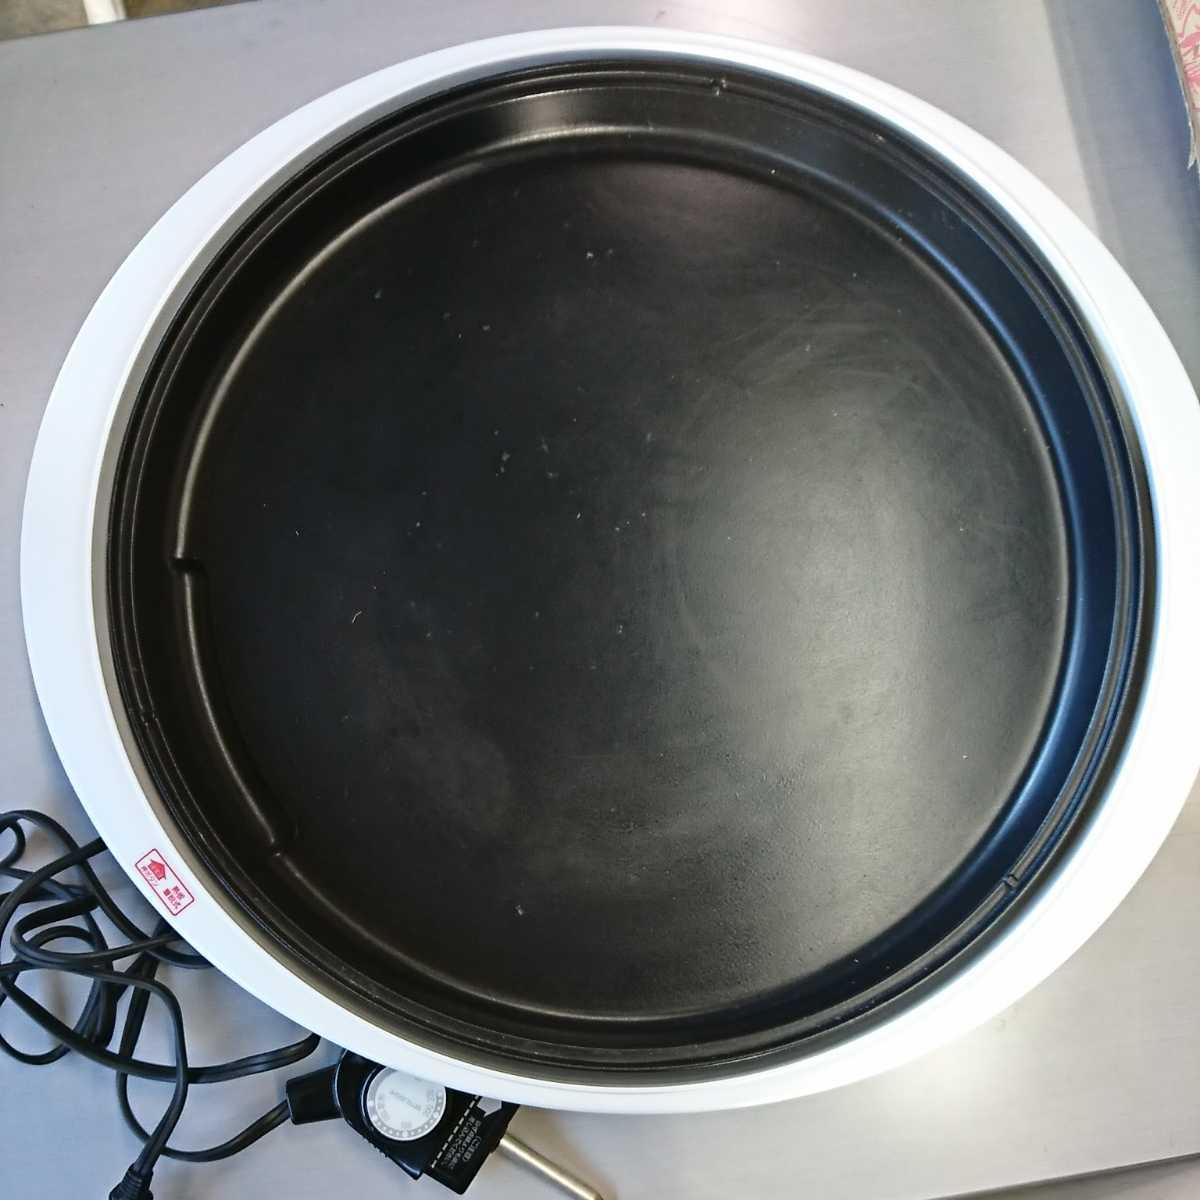 家電3】MITSUBISHI 三菱 ホットプレート HL-B20 EG ユーログレー グレー 調理器具 【通電確認済】お好み焼き 焼肉 焼物 焼そば_画像2